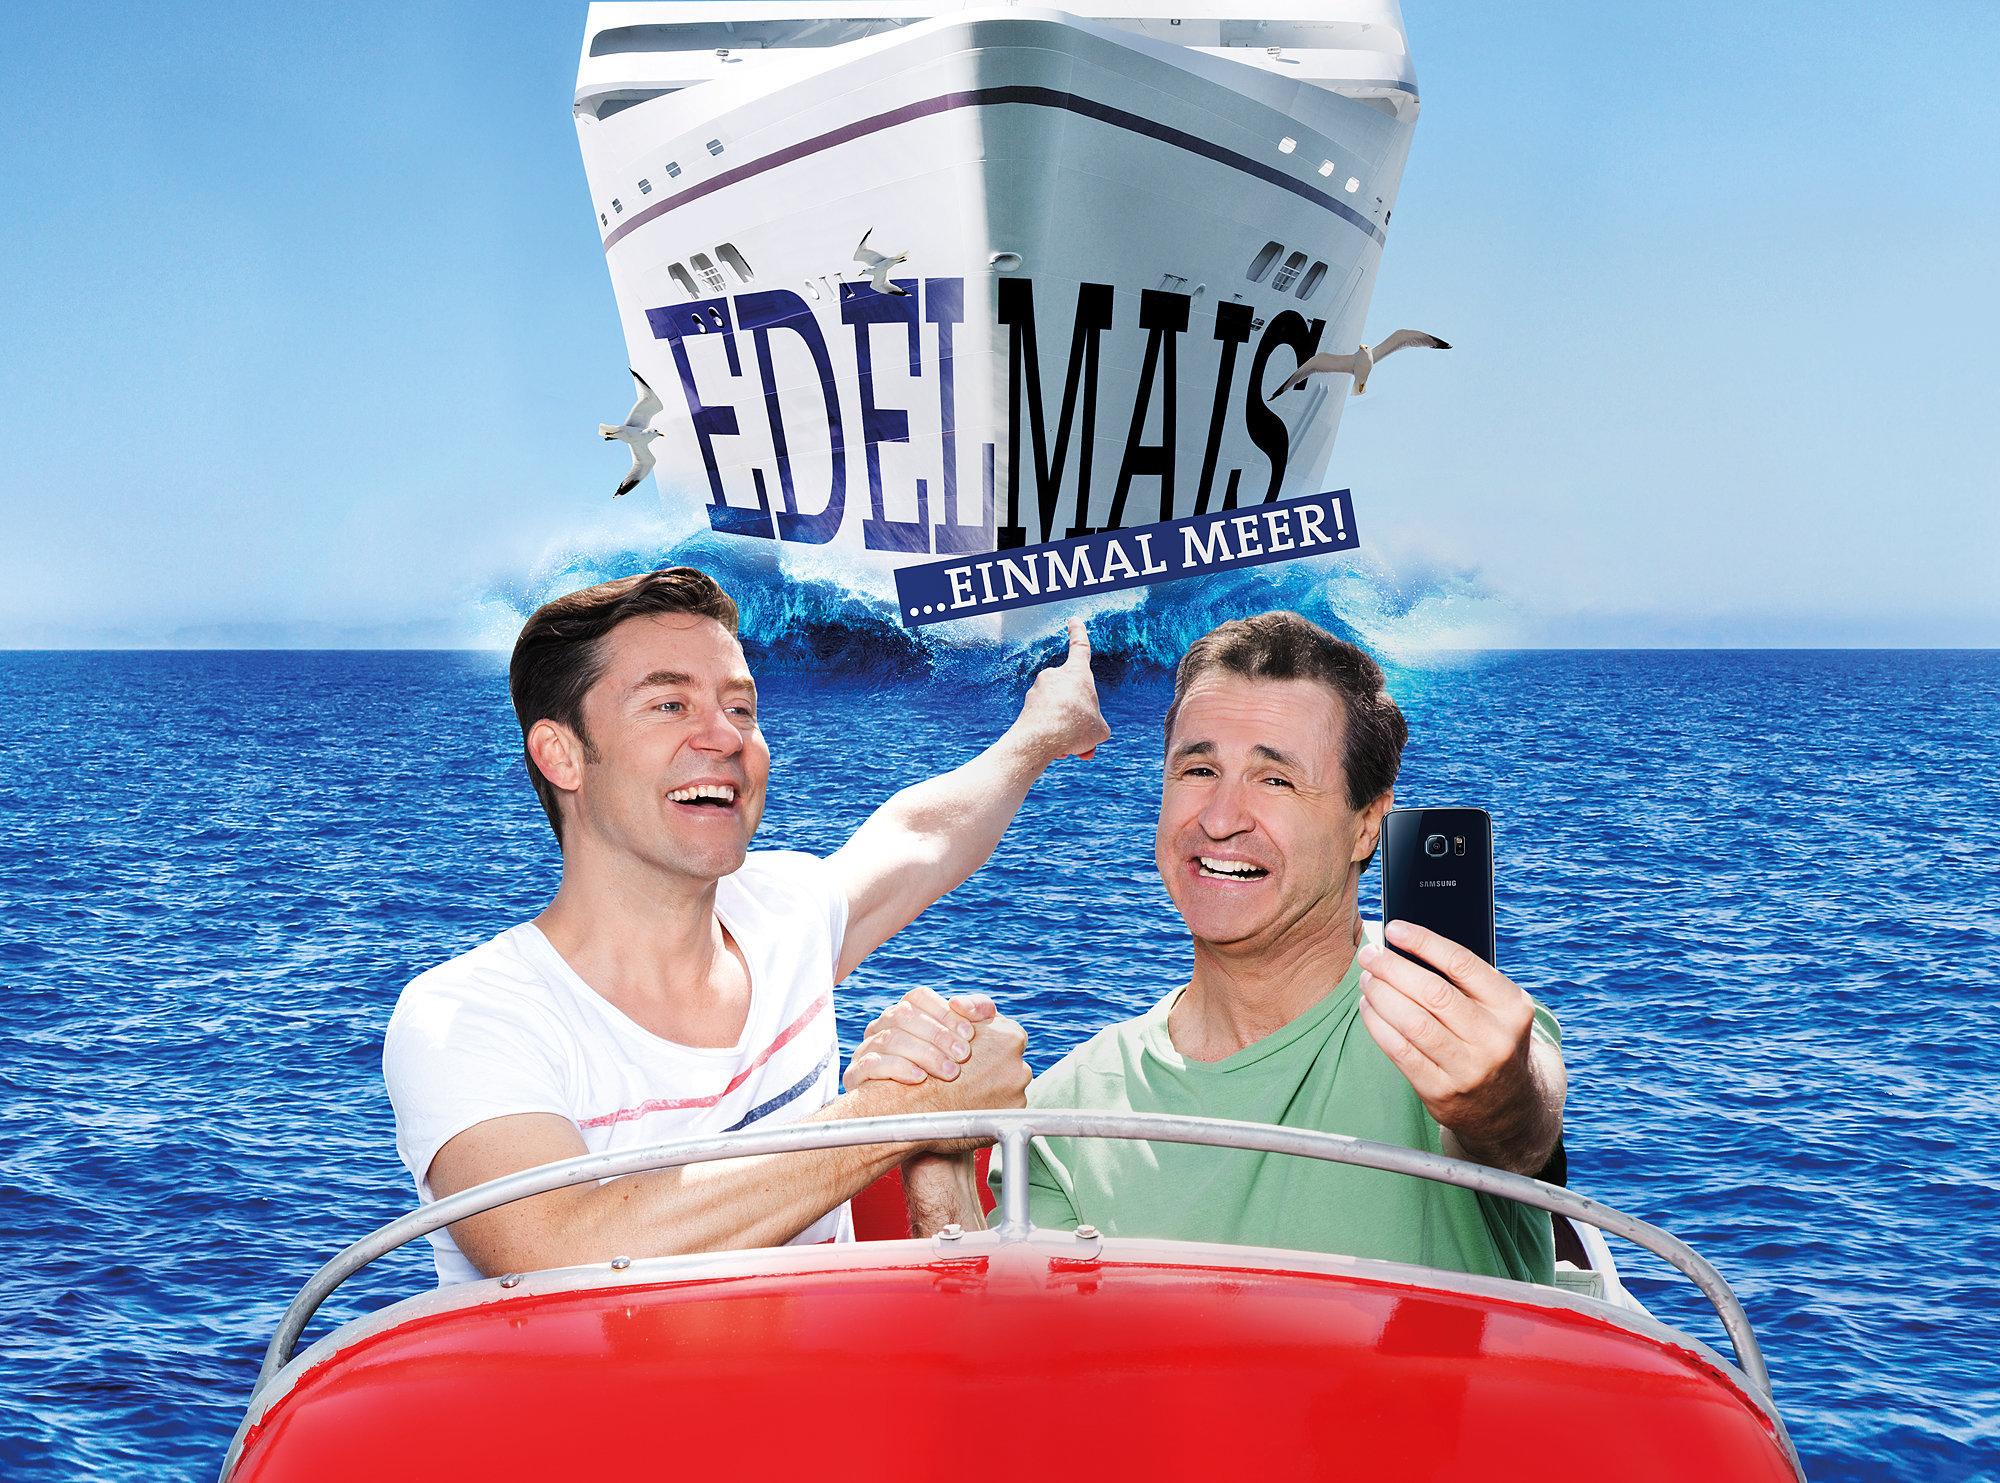 EDELMAIS - EINMAL MEER